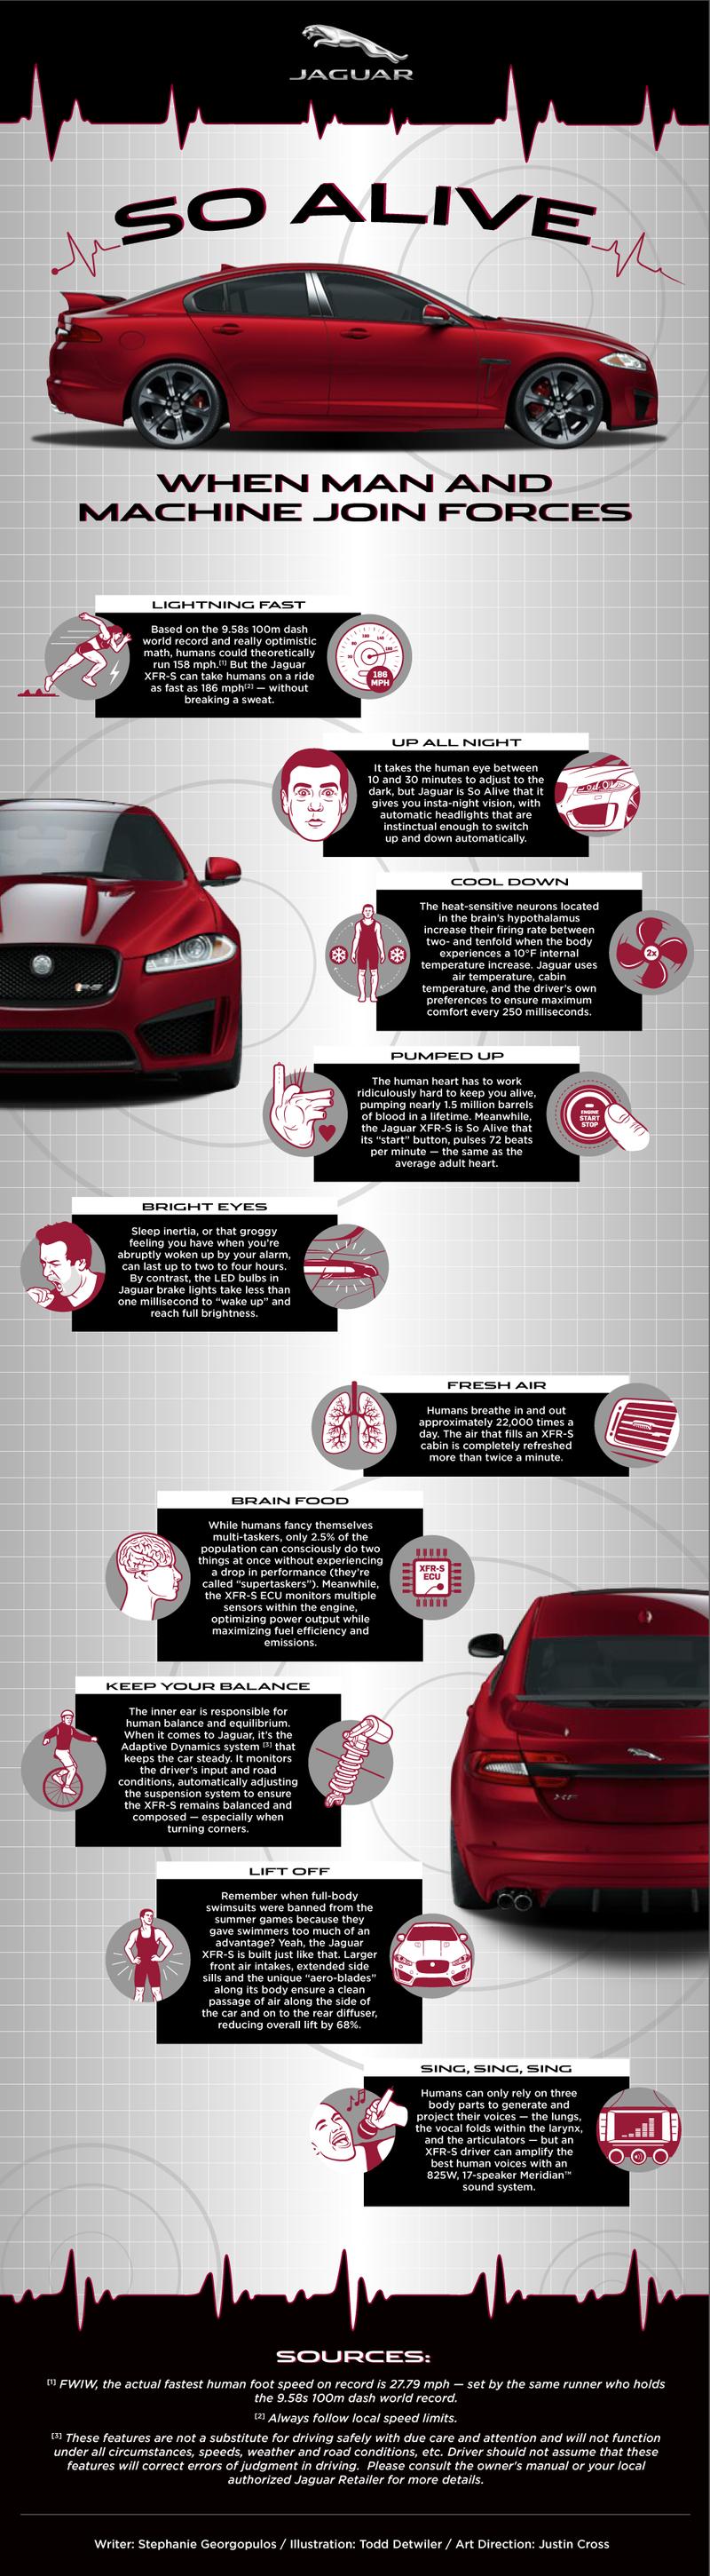 How Do Your Reflexes Measure Up Against a Jaguar Car?